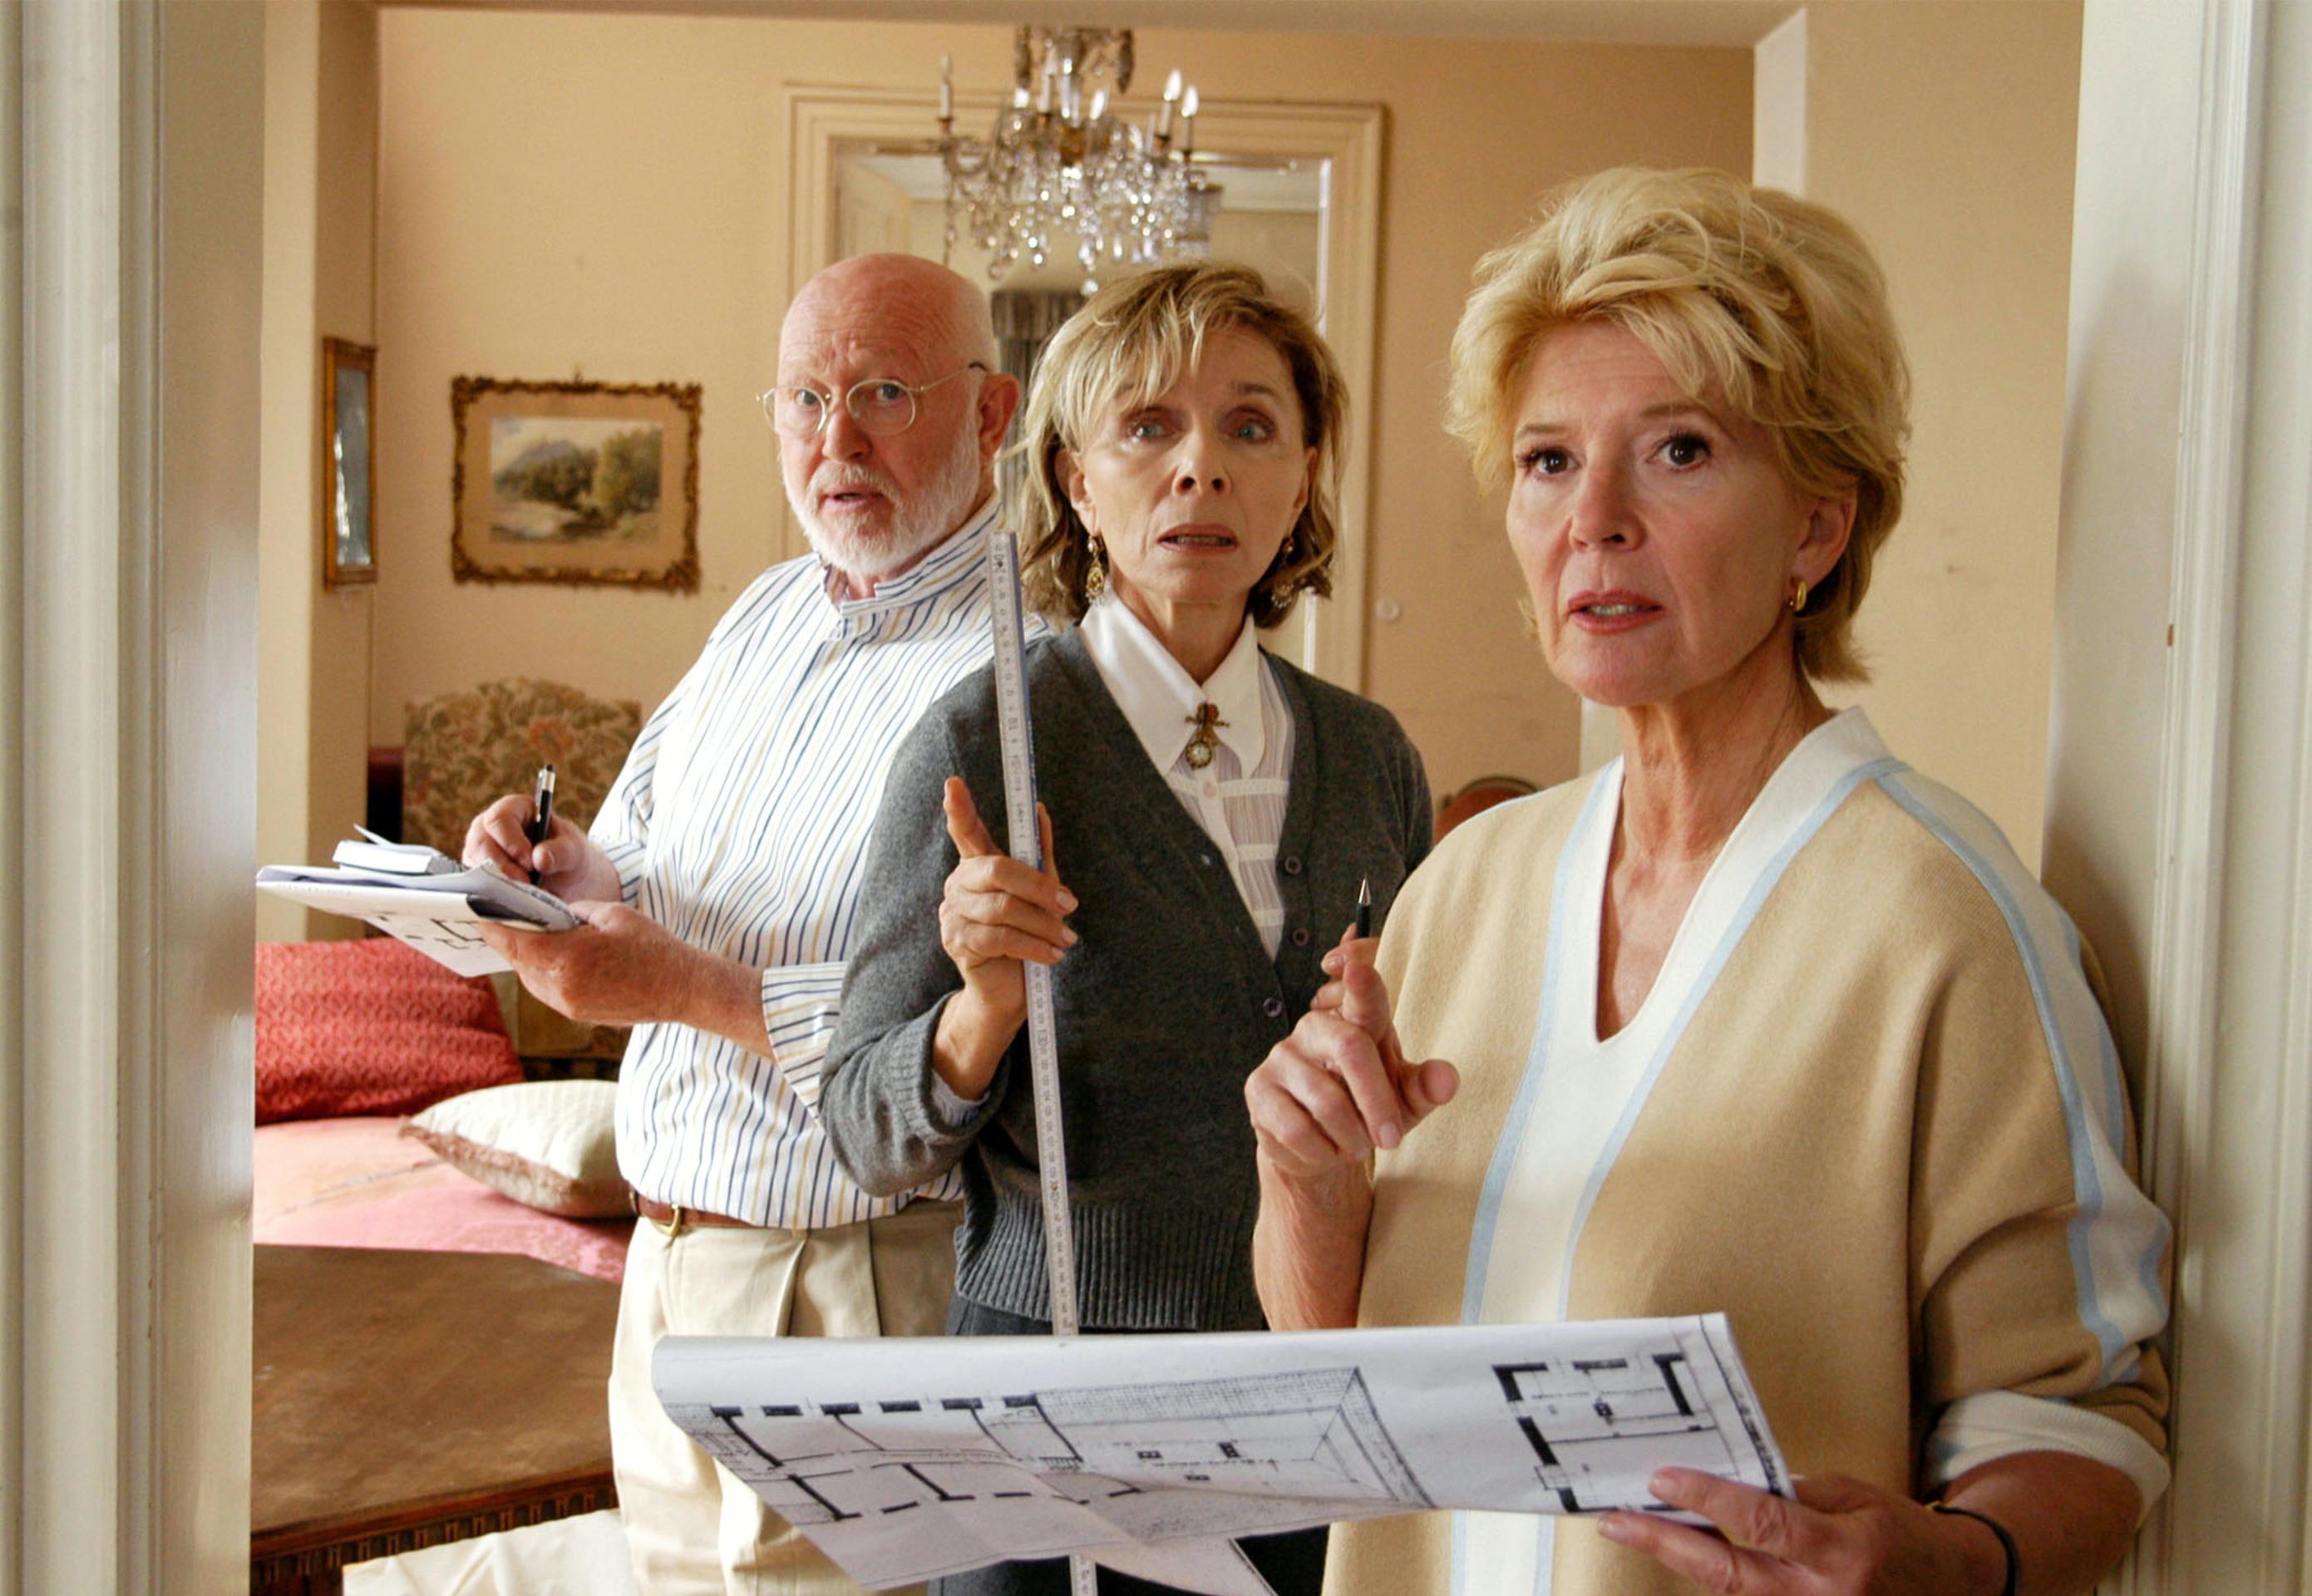 Christiane Hörbiger, Ernst Jacobi, and Monika Peitsch in Neue Freunde, neues Glück (2005)